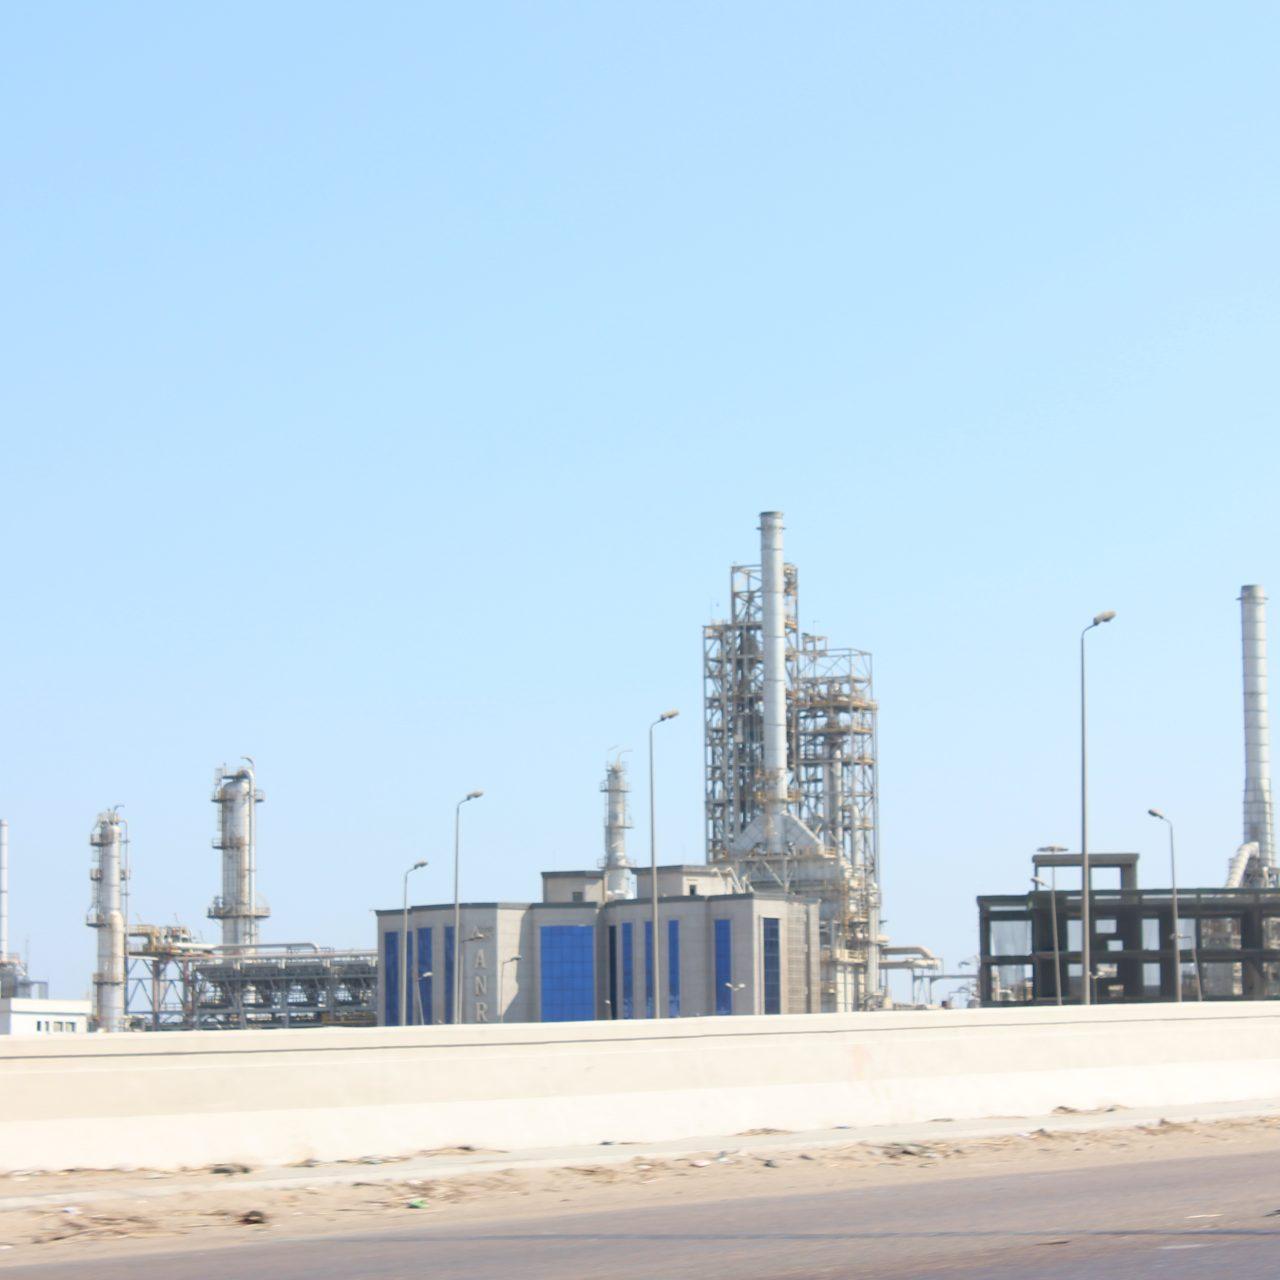 Hydrogène en Méditerranée : Les stratégies de développement s'accélèrent avec notamment l'Egypte